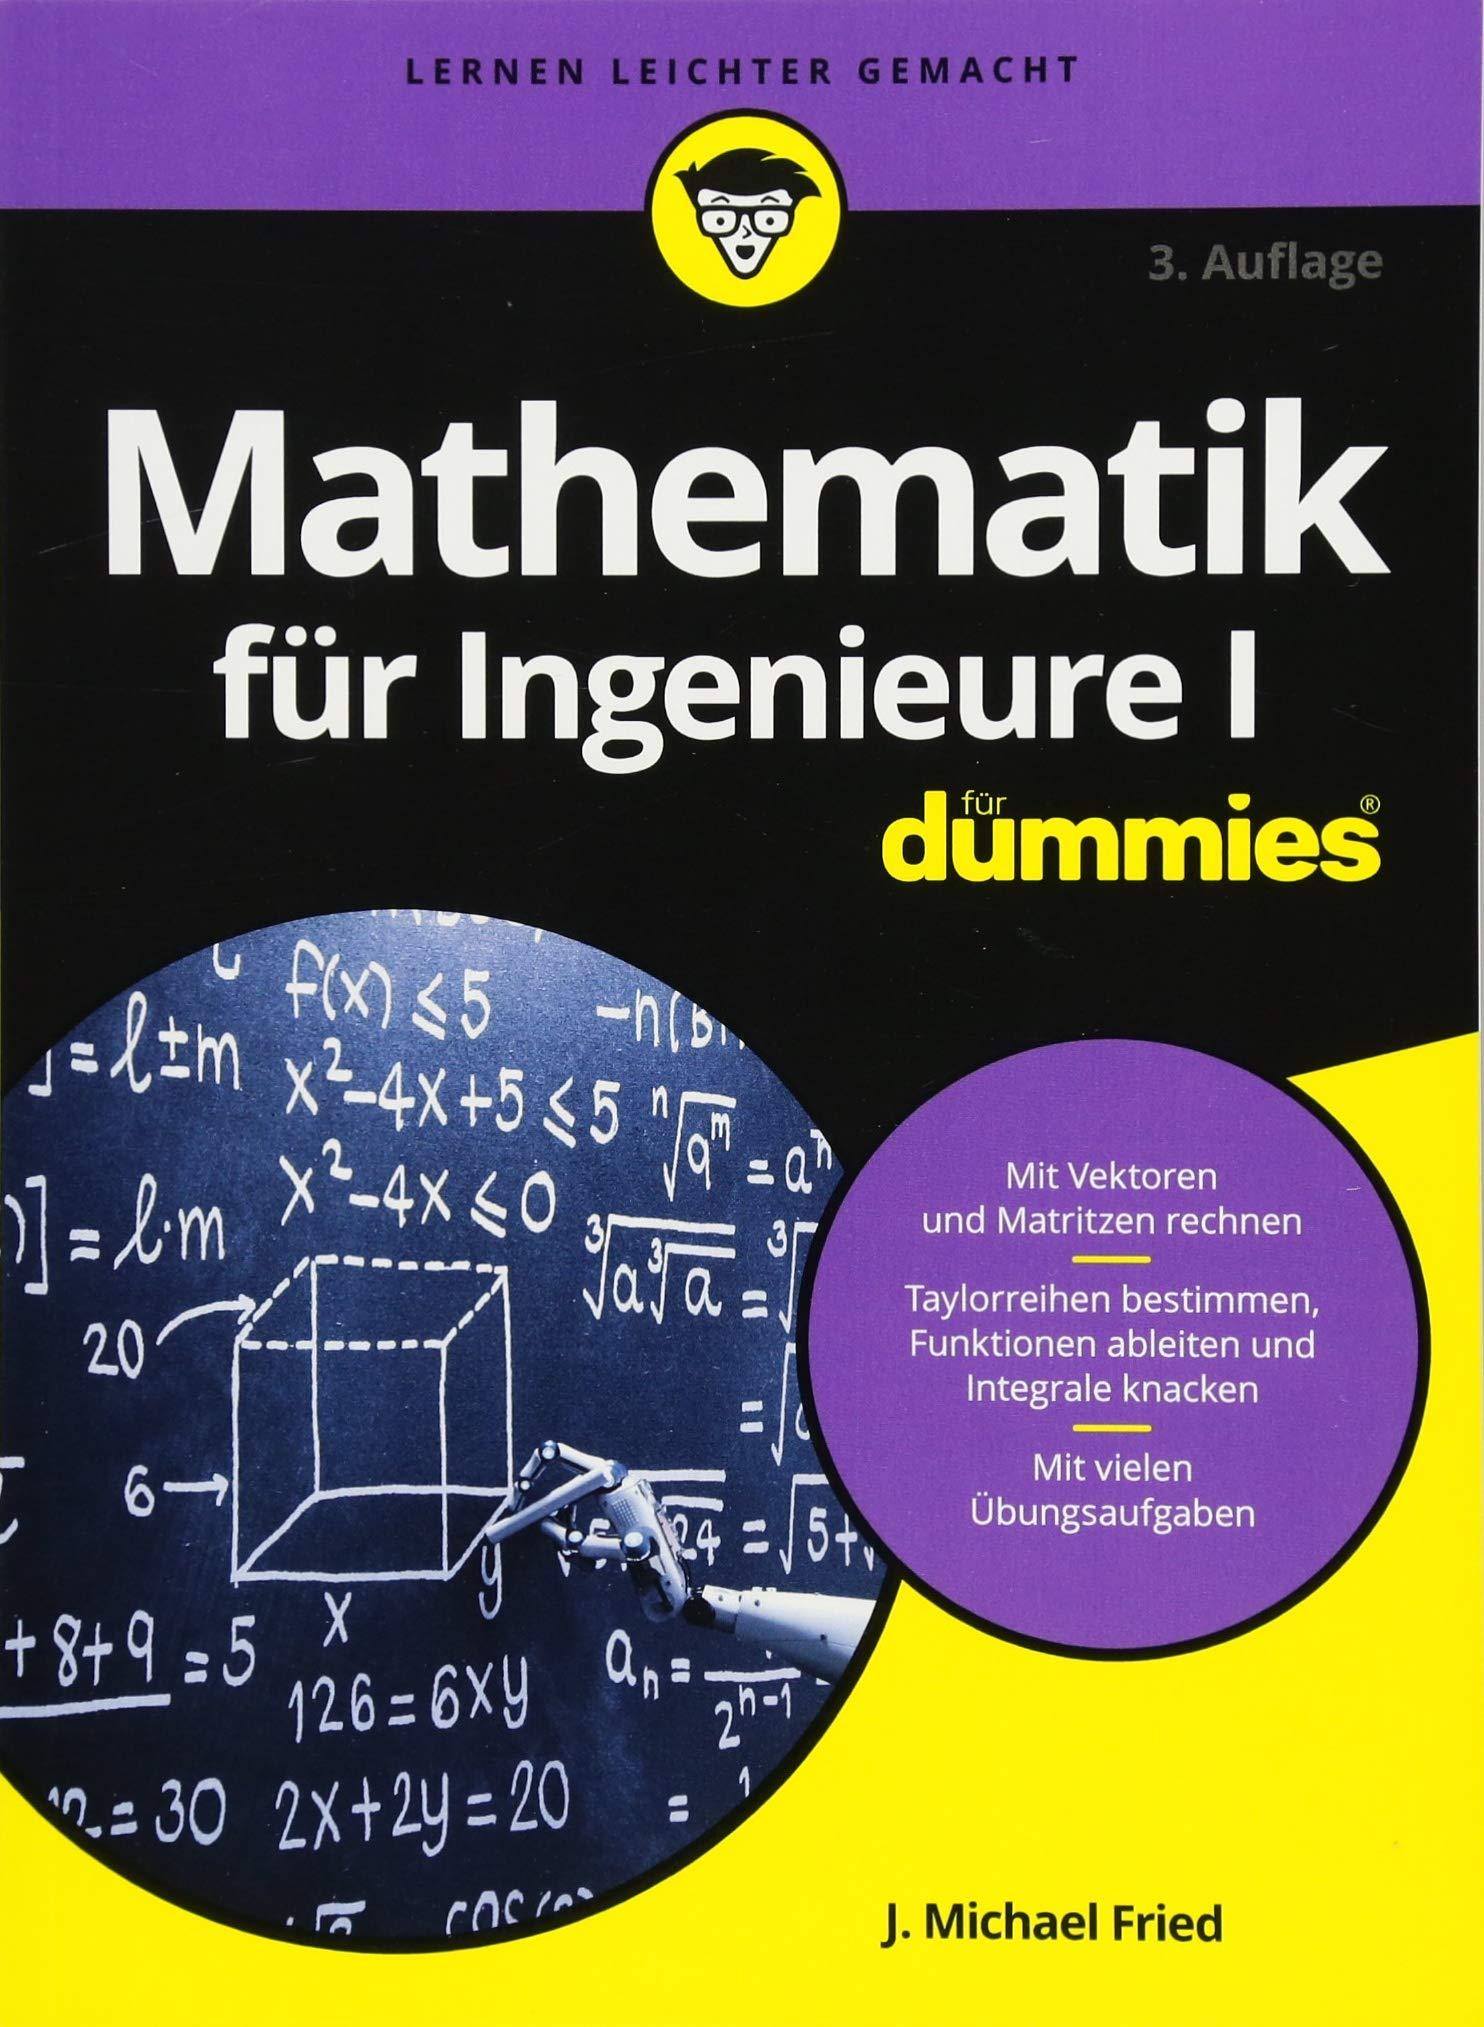 Mathematik für Ingenieure I für Dummies Taschenbuch – 14. Februar 2018 J. Michael Fried Wiley-VCH 3527715010 Technik allgemein